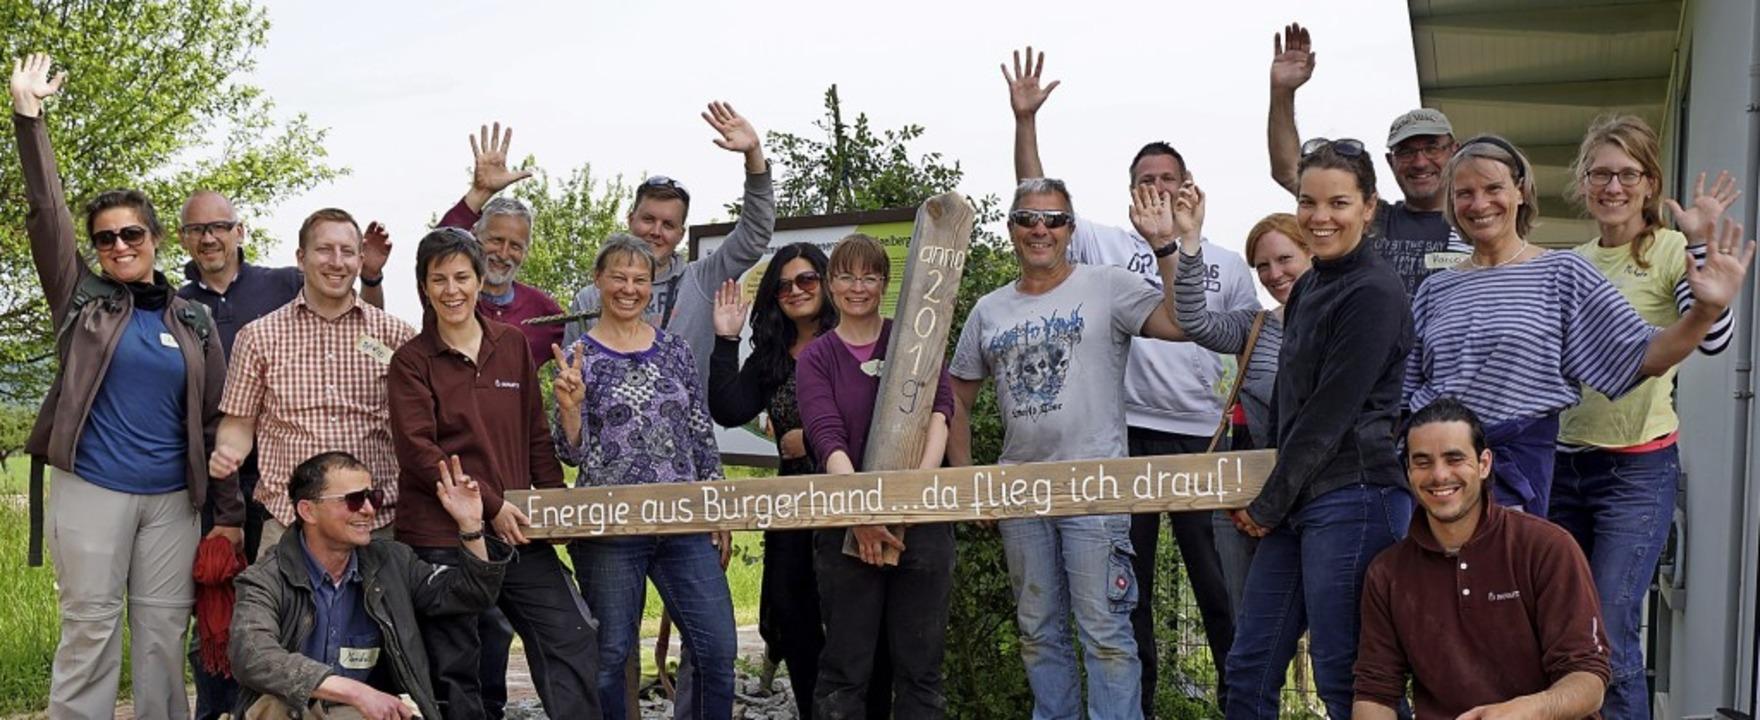 Im Mai 2019 konnte die Genossenschaft ... ohne Masken und Abstand organisieren.    Foto: Privat